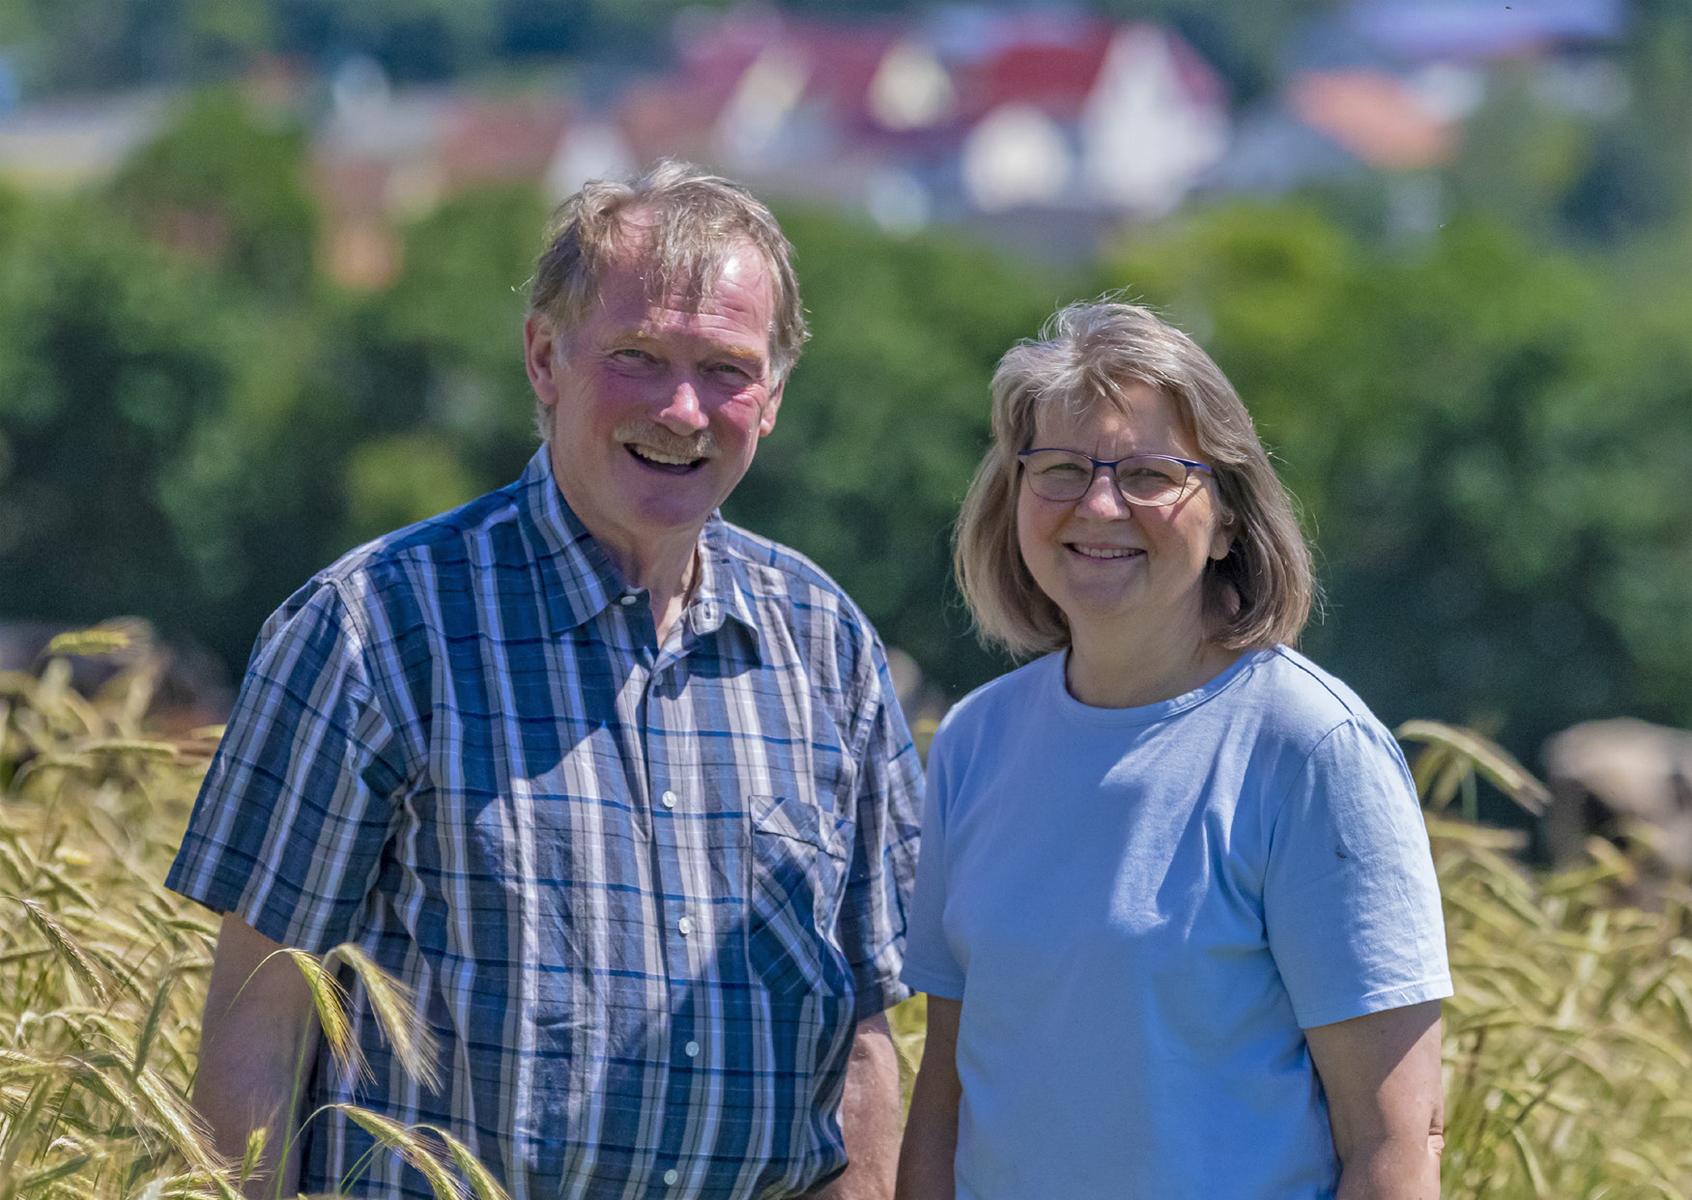 Porträts Bauernhof Hamel